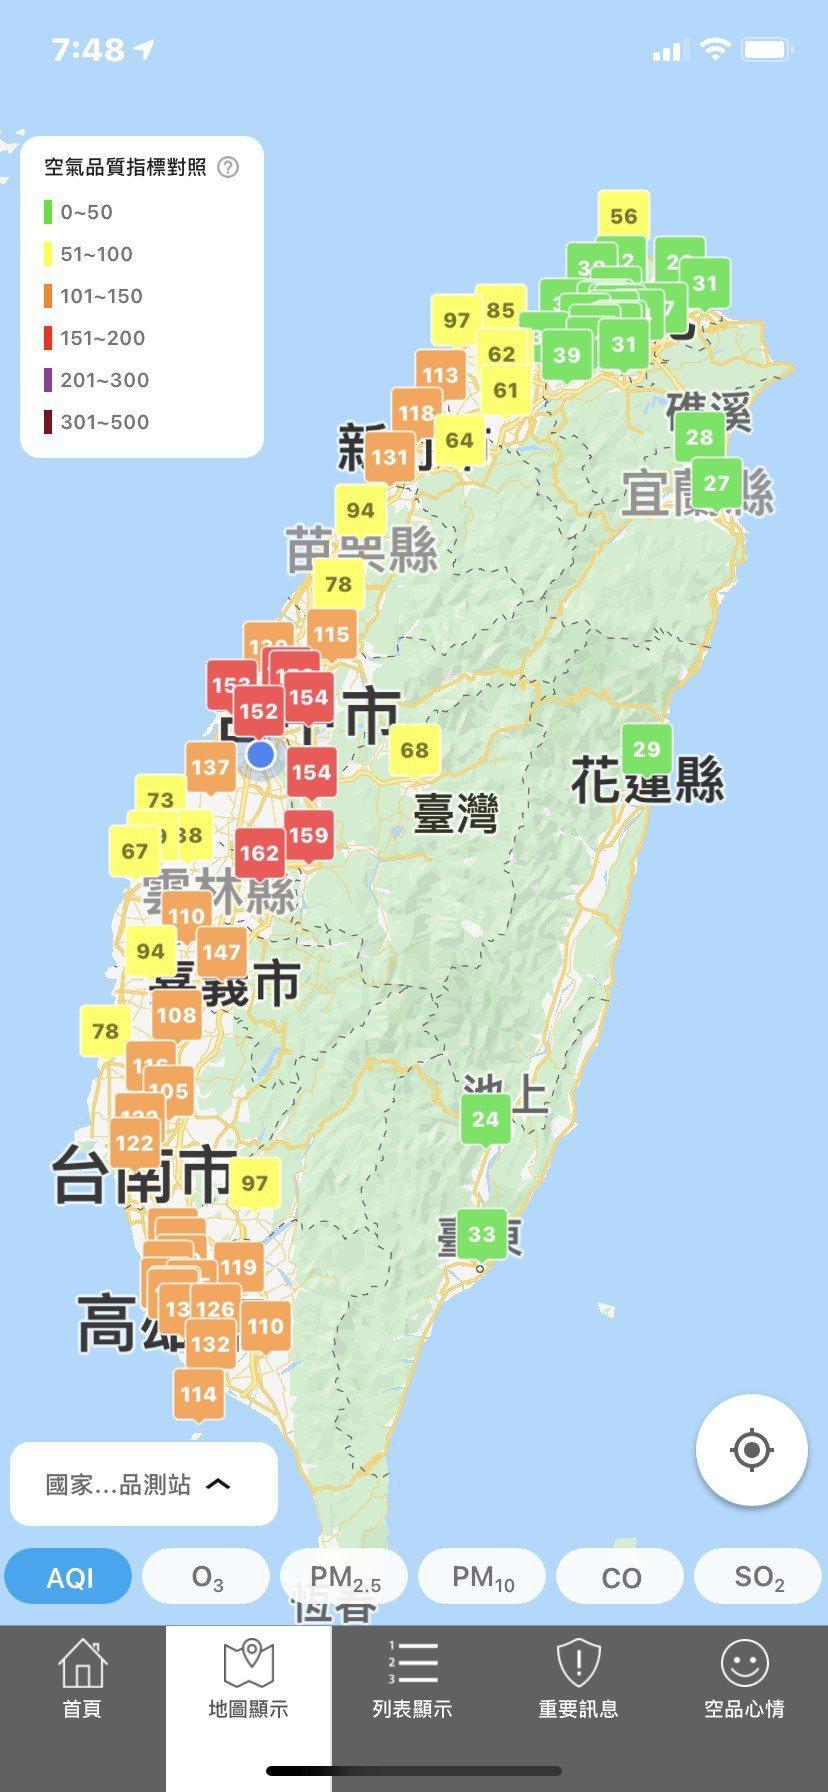 因擴散條件不良,台灣西半部空氣品質不佳,今天清晨籠罩在霧霾之中,依環保署空汙指標...